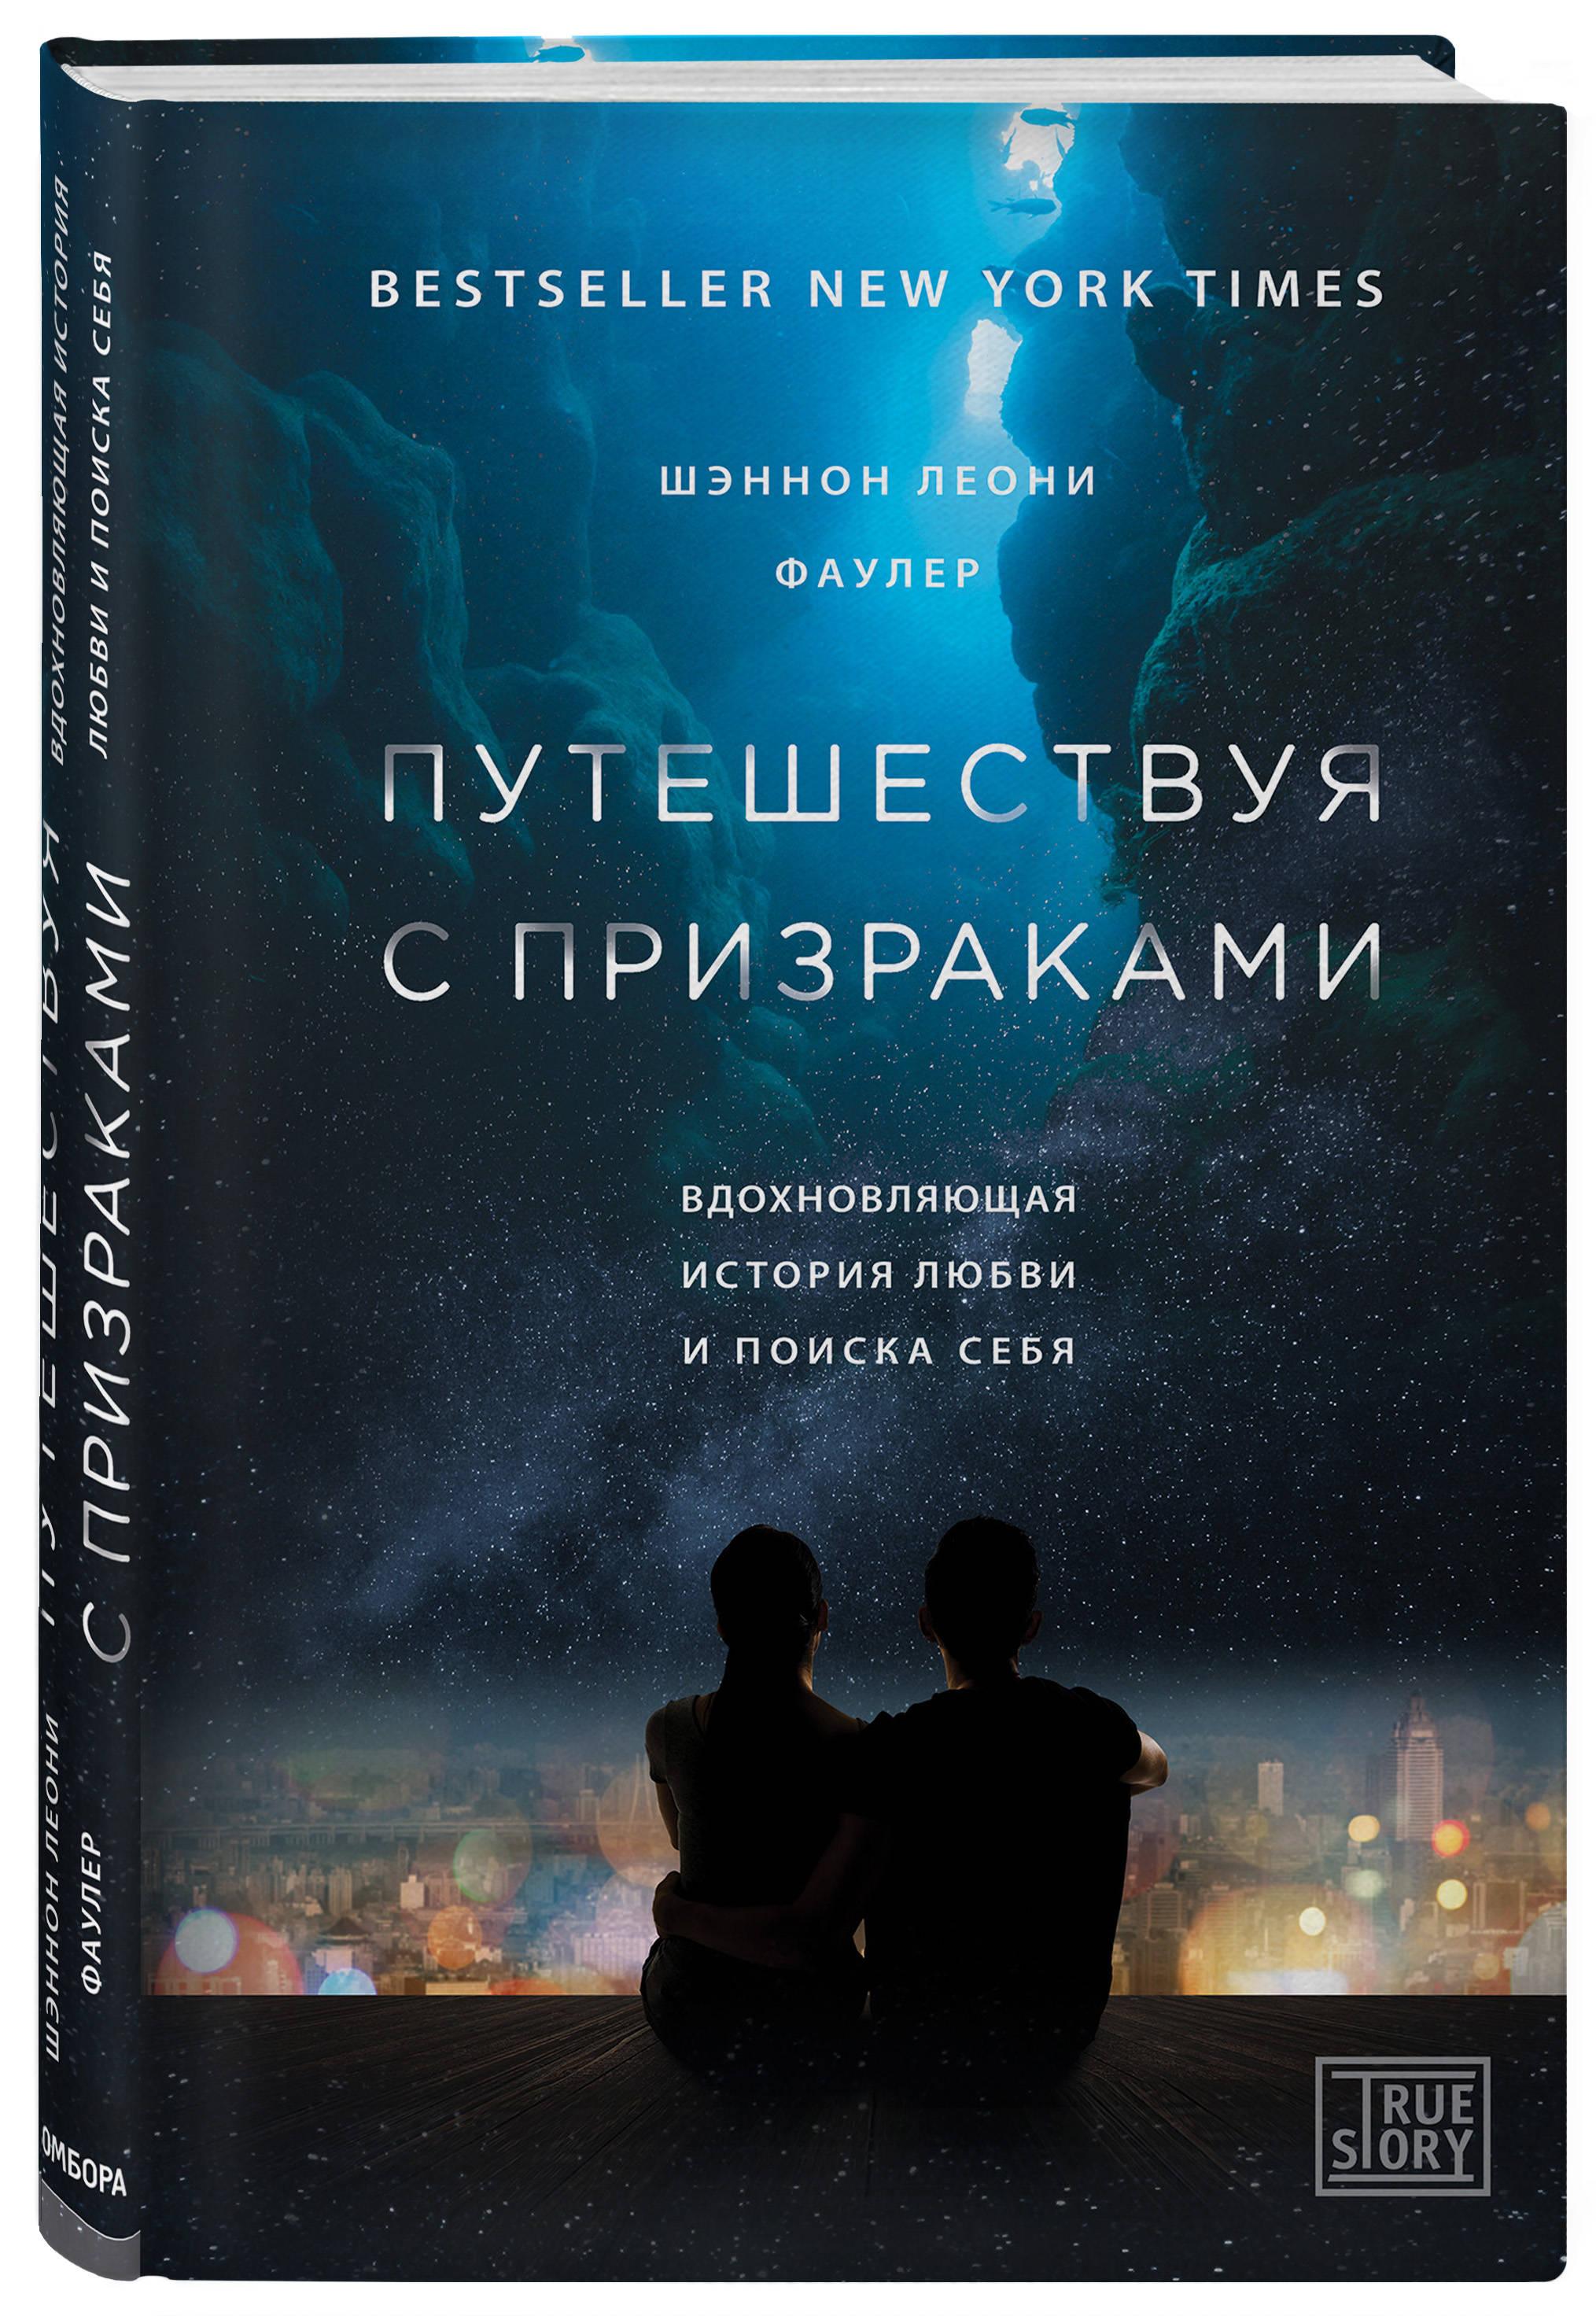 Шэннон Леони Фаулер Путешествуя с призраками. Вдохновляющая история любви и поиска себя